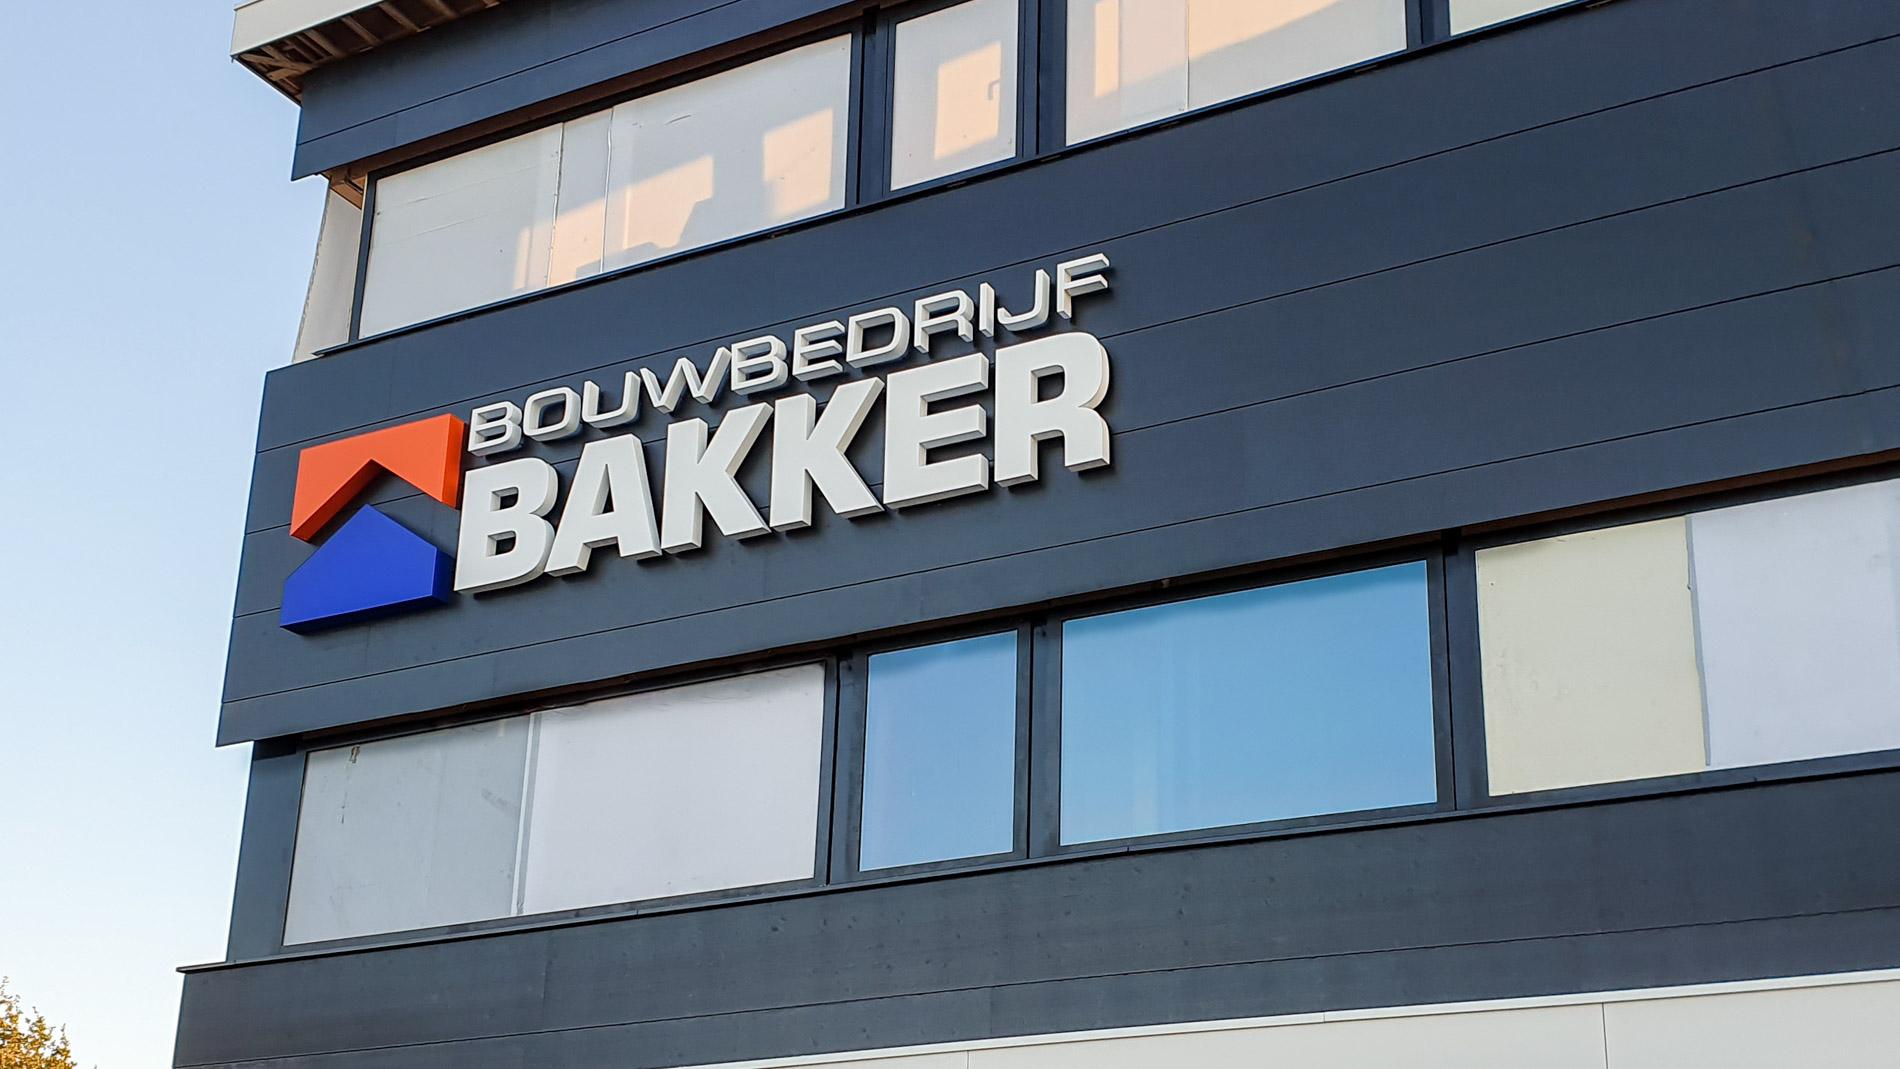 Gevelreclame Bouwbedrijf Bakker - Van de Riet Reclame